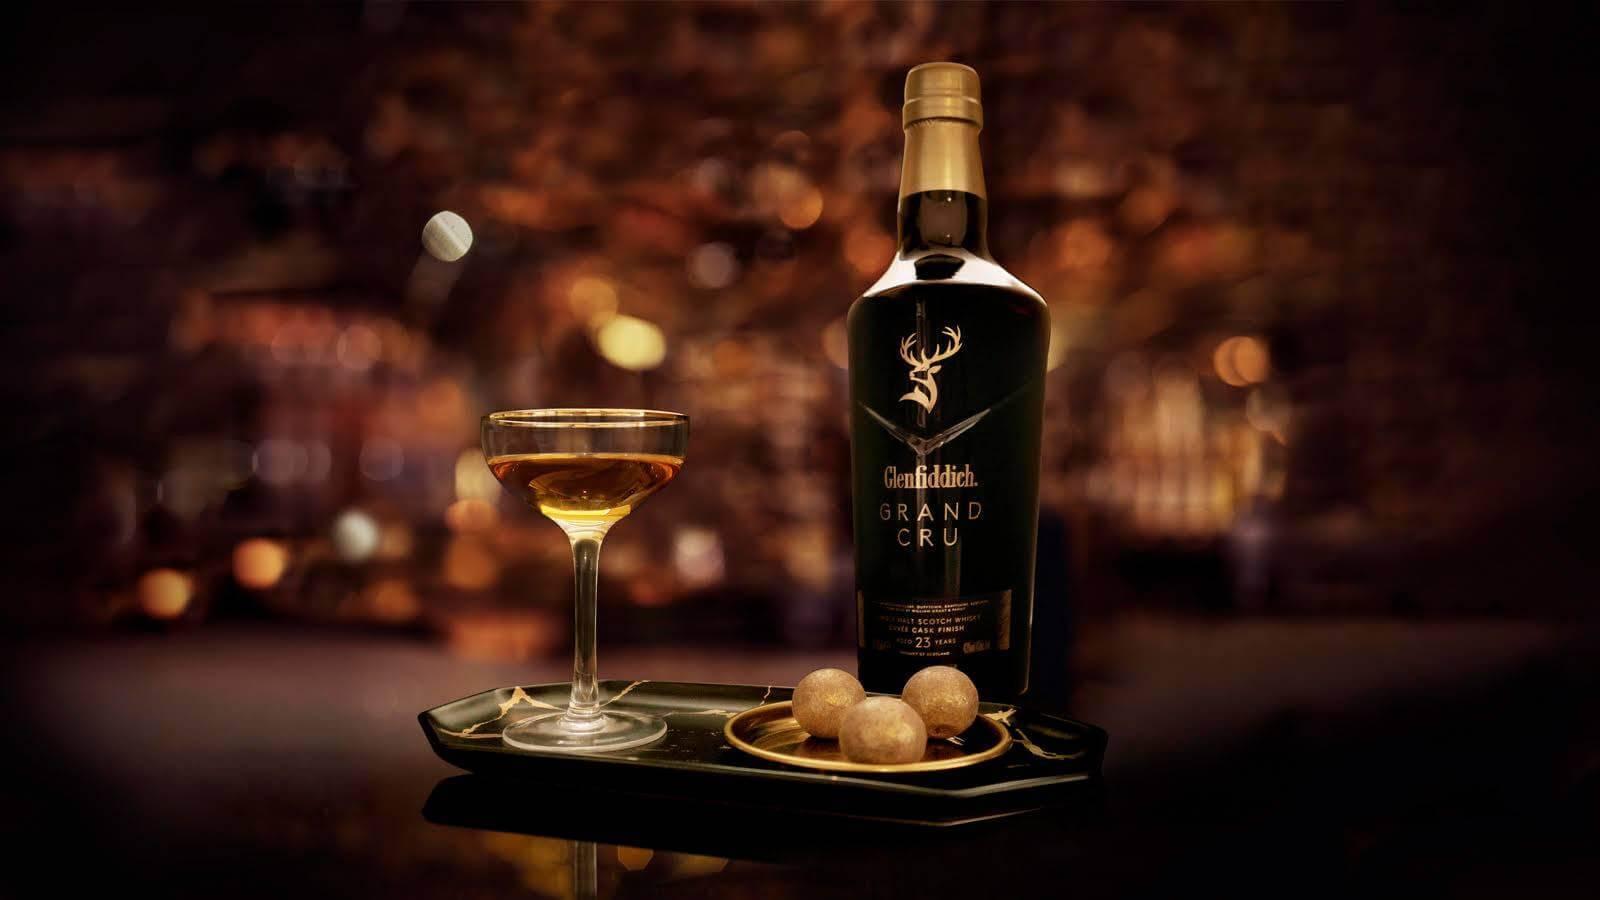 Virtuelles Live Whiskytasting ´mit Glenfiddich um die Welt´